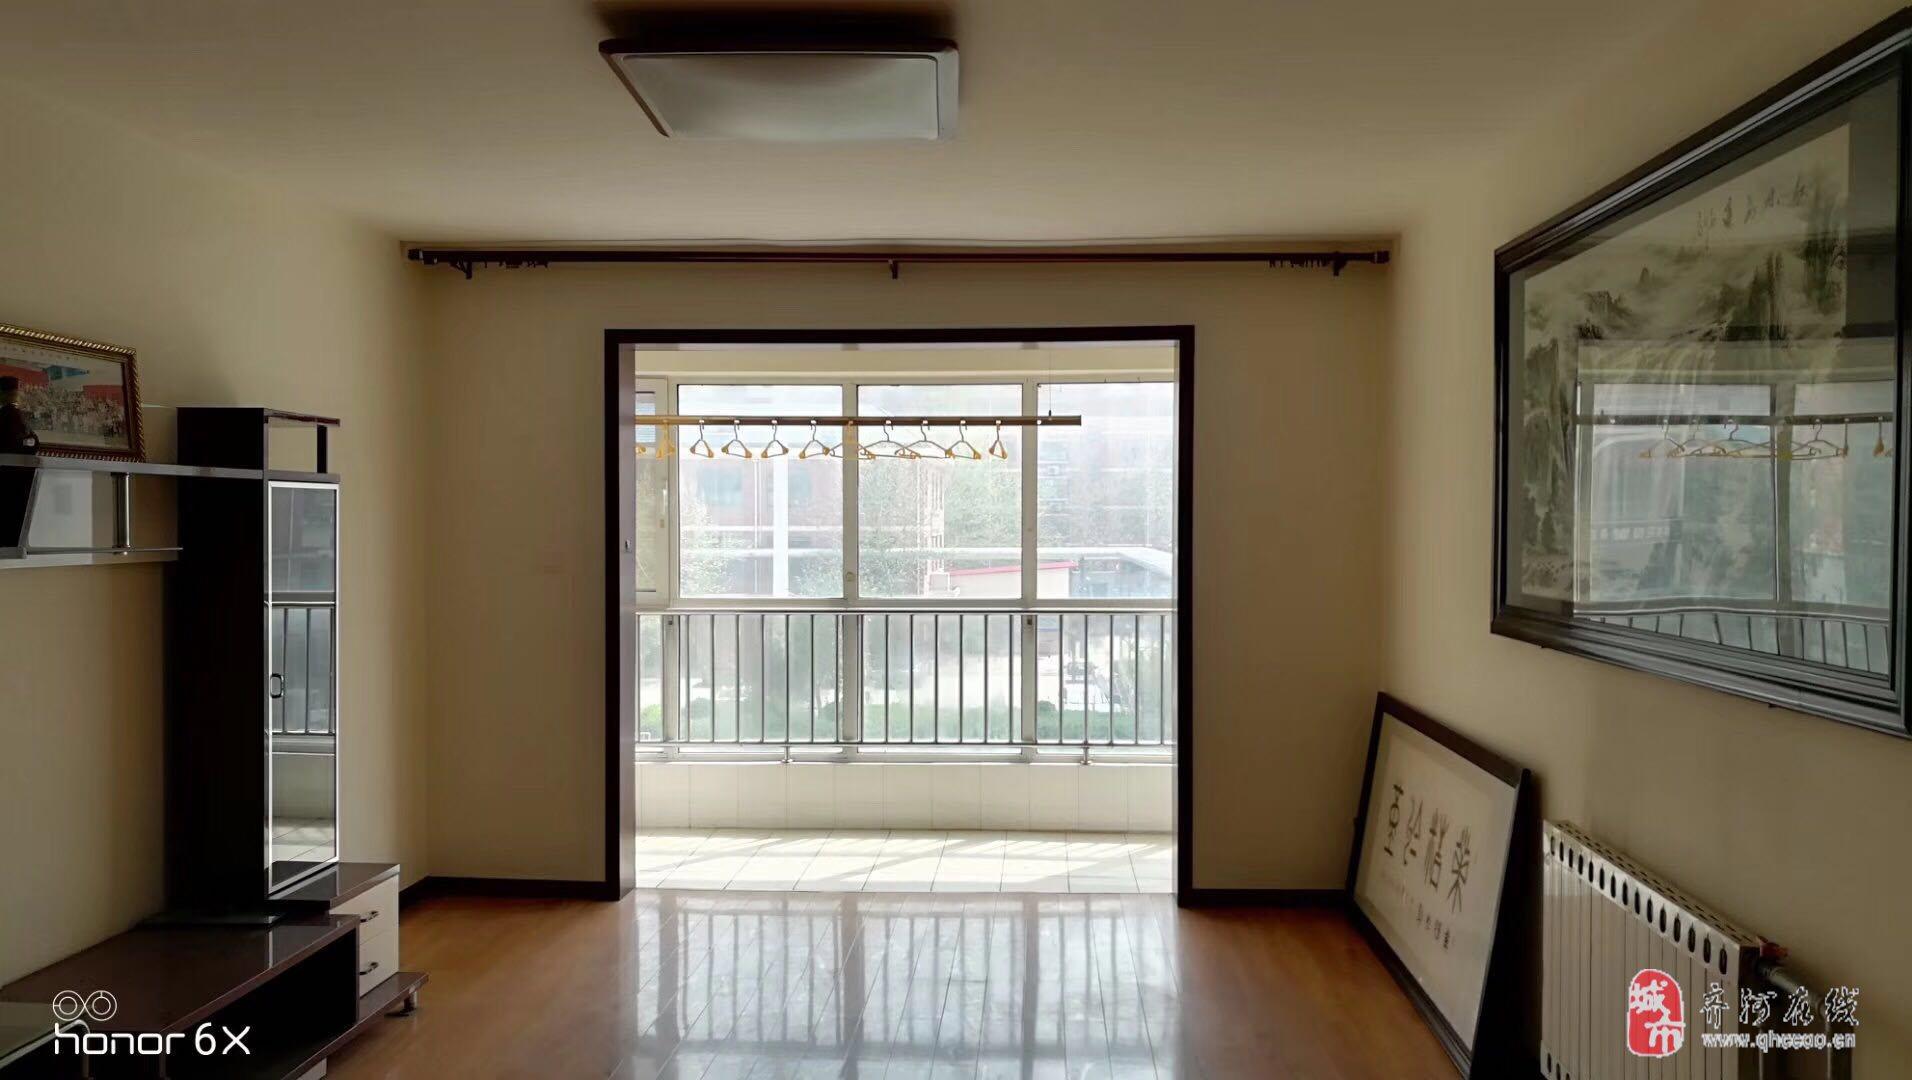 都市花园4室2厅2卫149平132万元